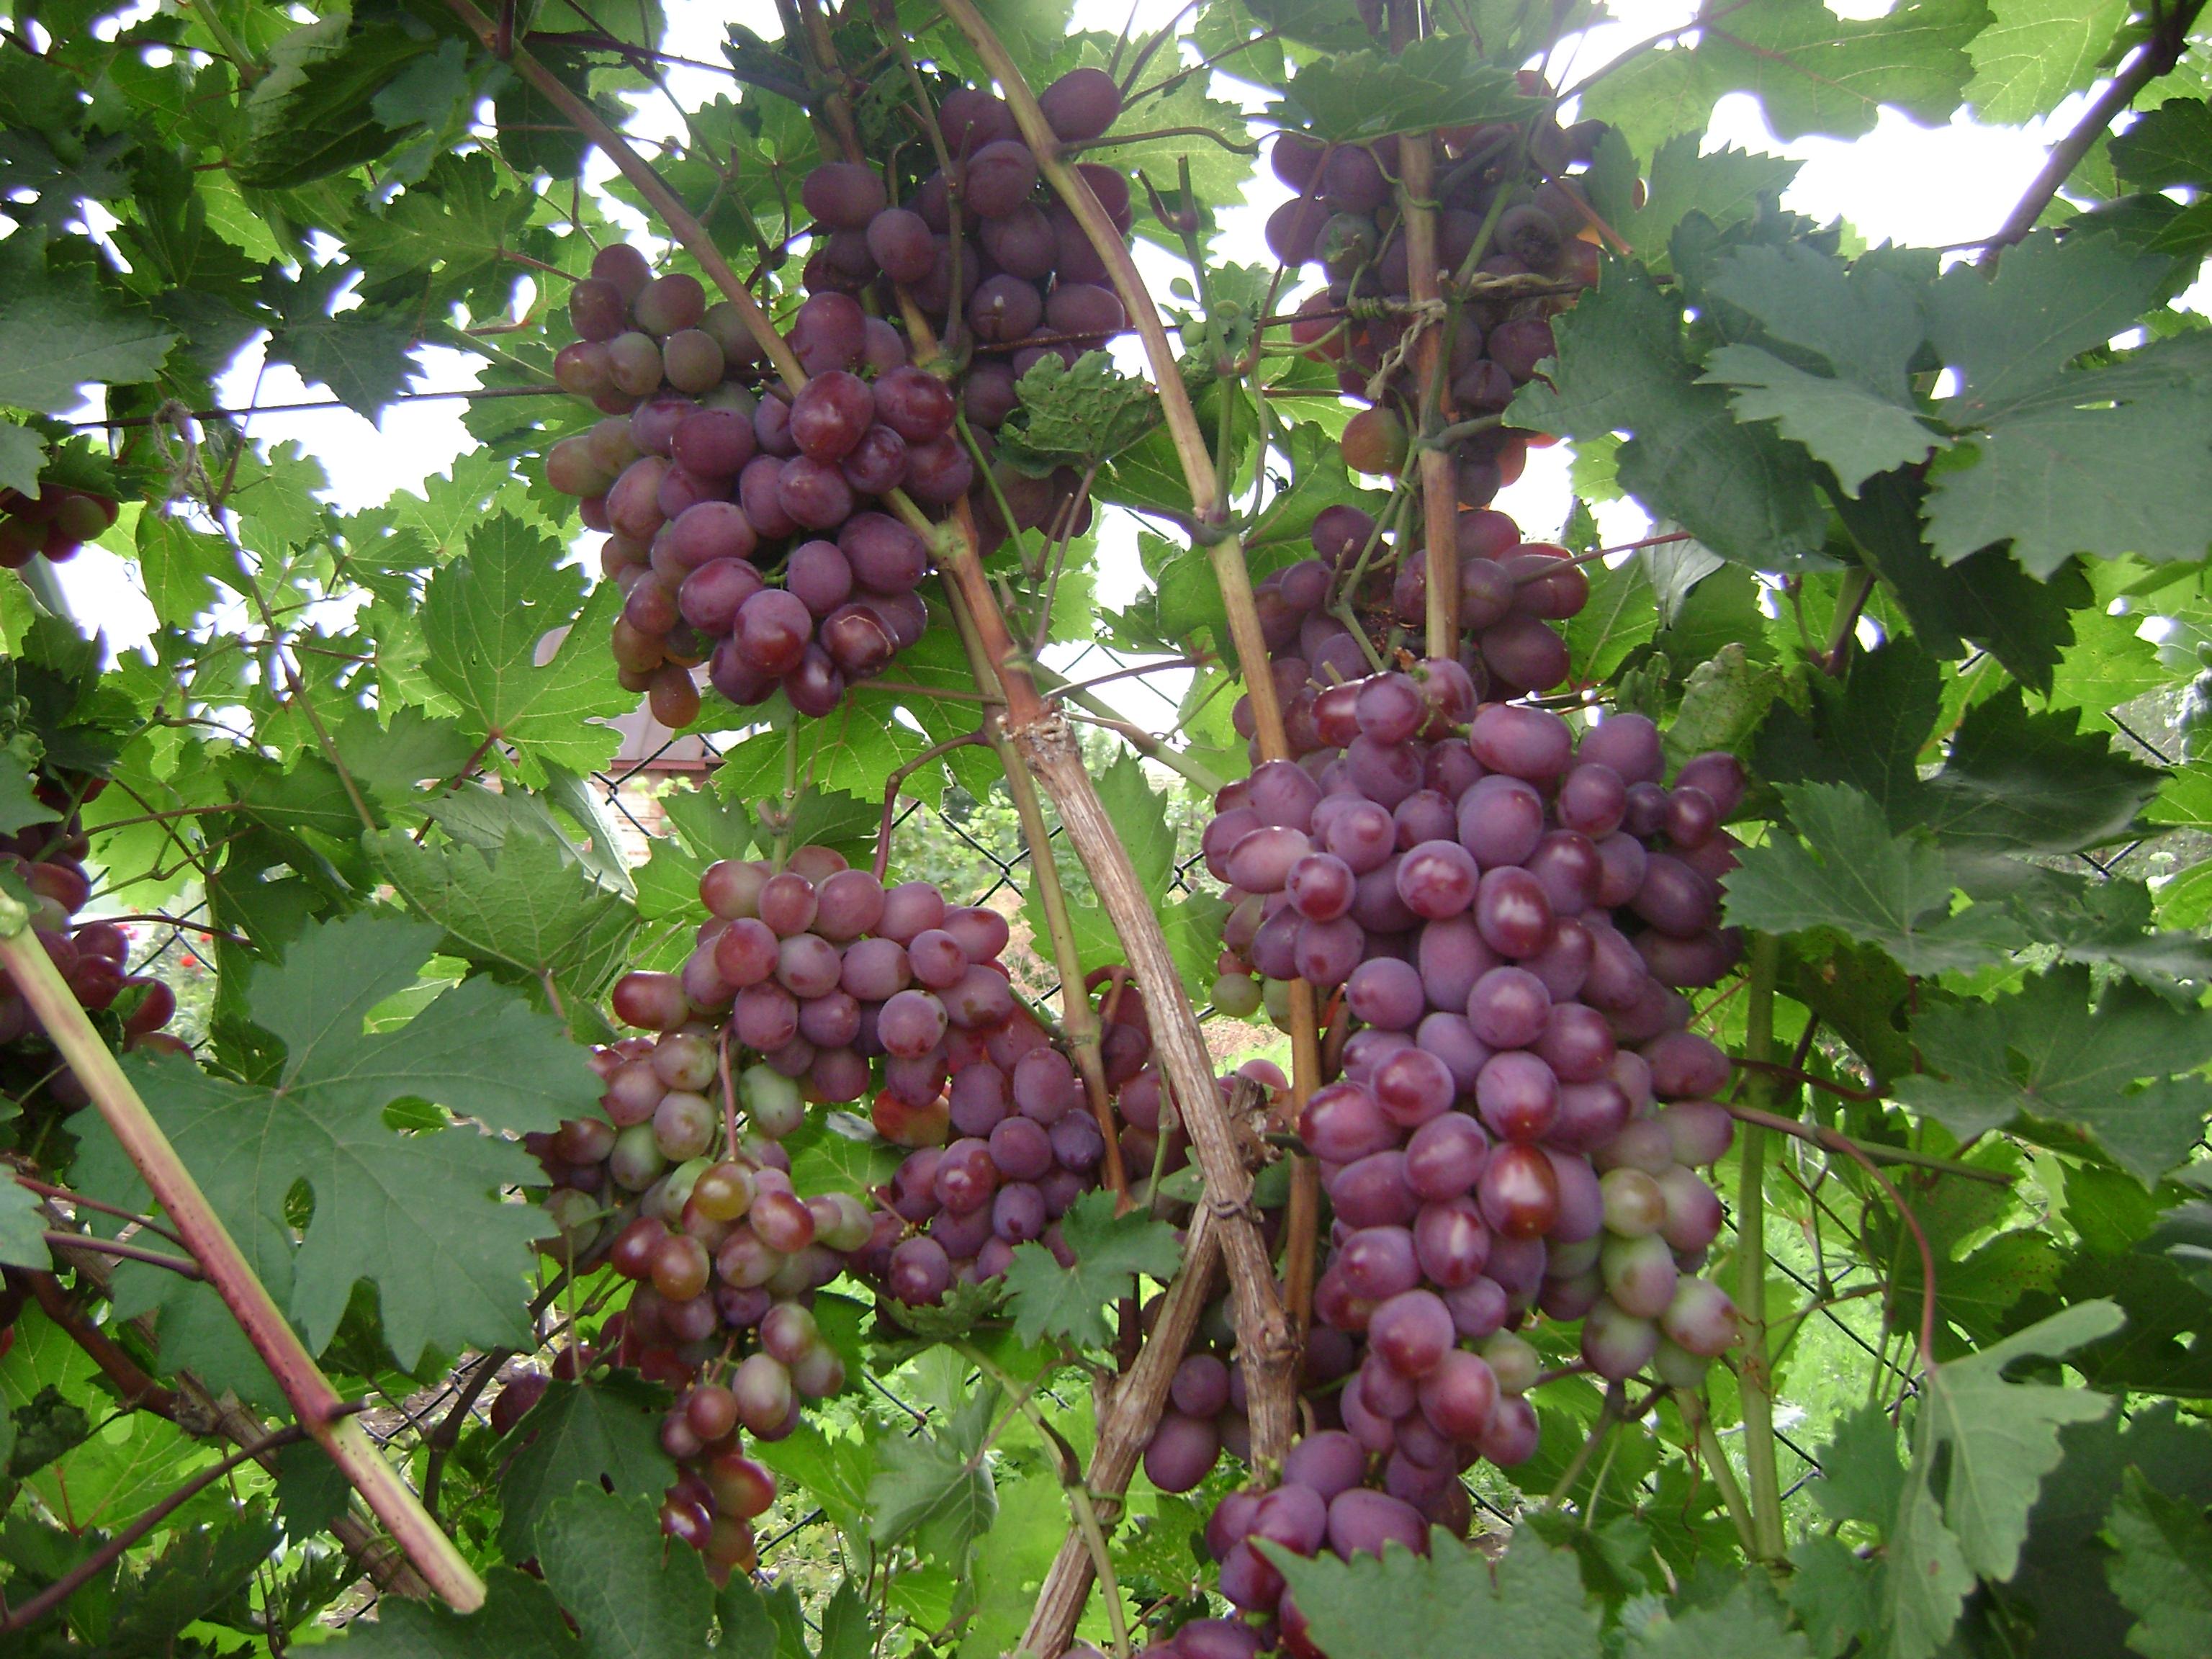 Виноград виктория: описание сорта с характеристикой и отзывами, особенности посадки и выращивания, фото